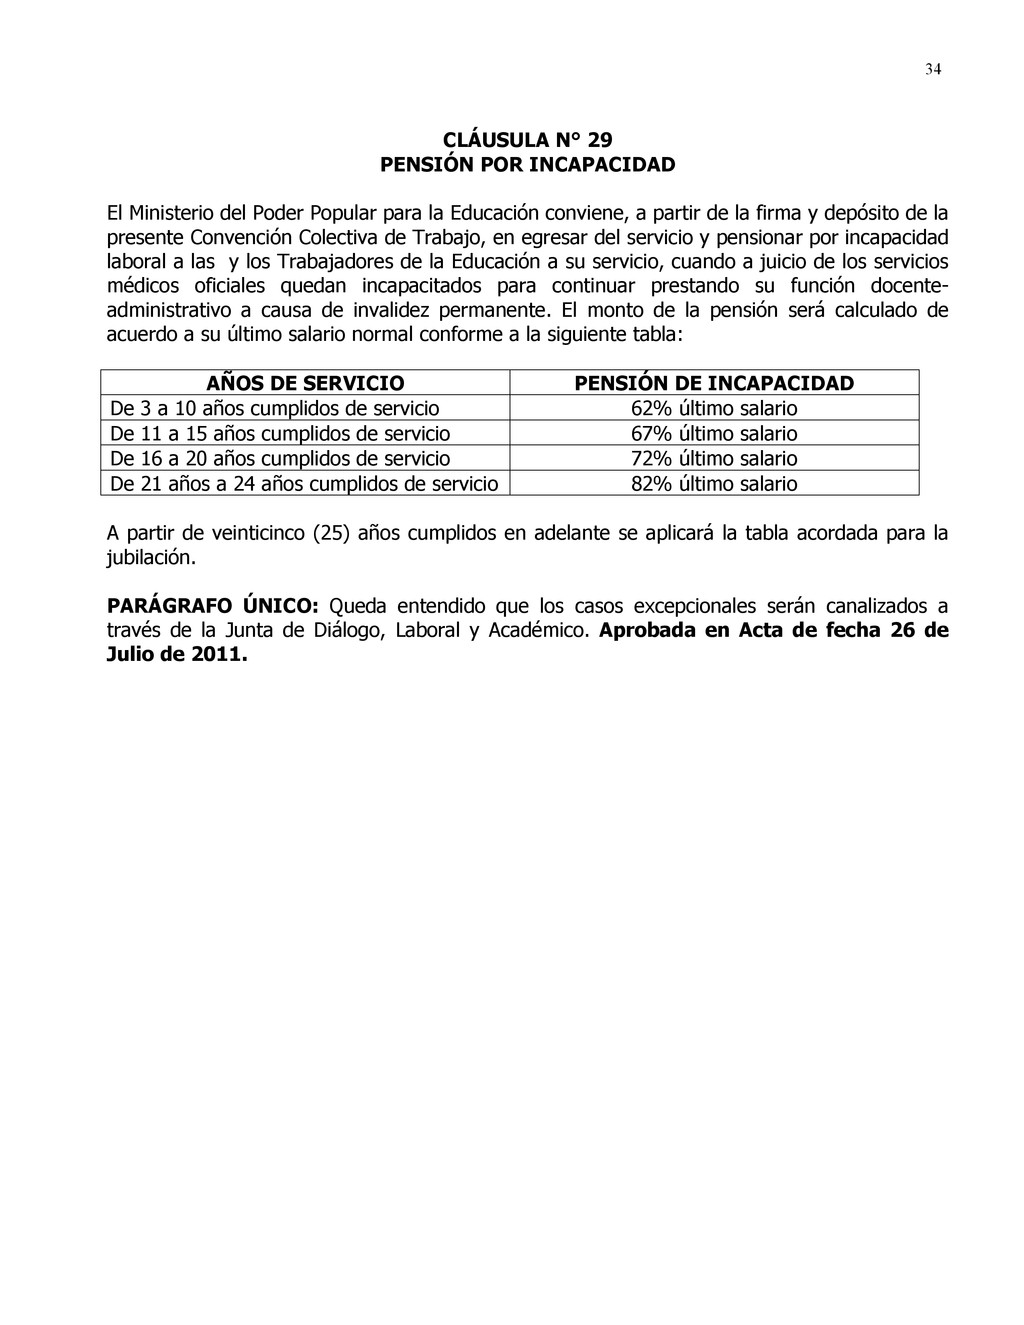 34 CLÁUSULA N° 29 PENSIÓN POR INCAPACIDAD El Mi...